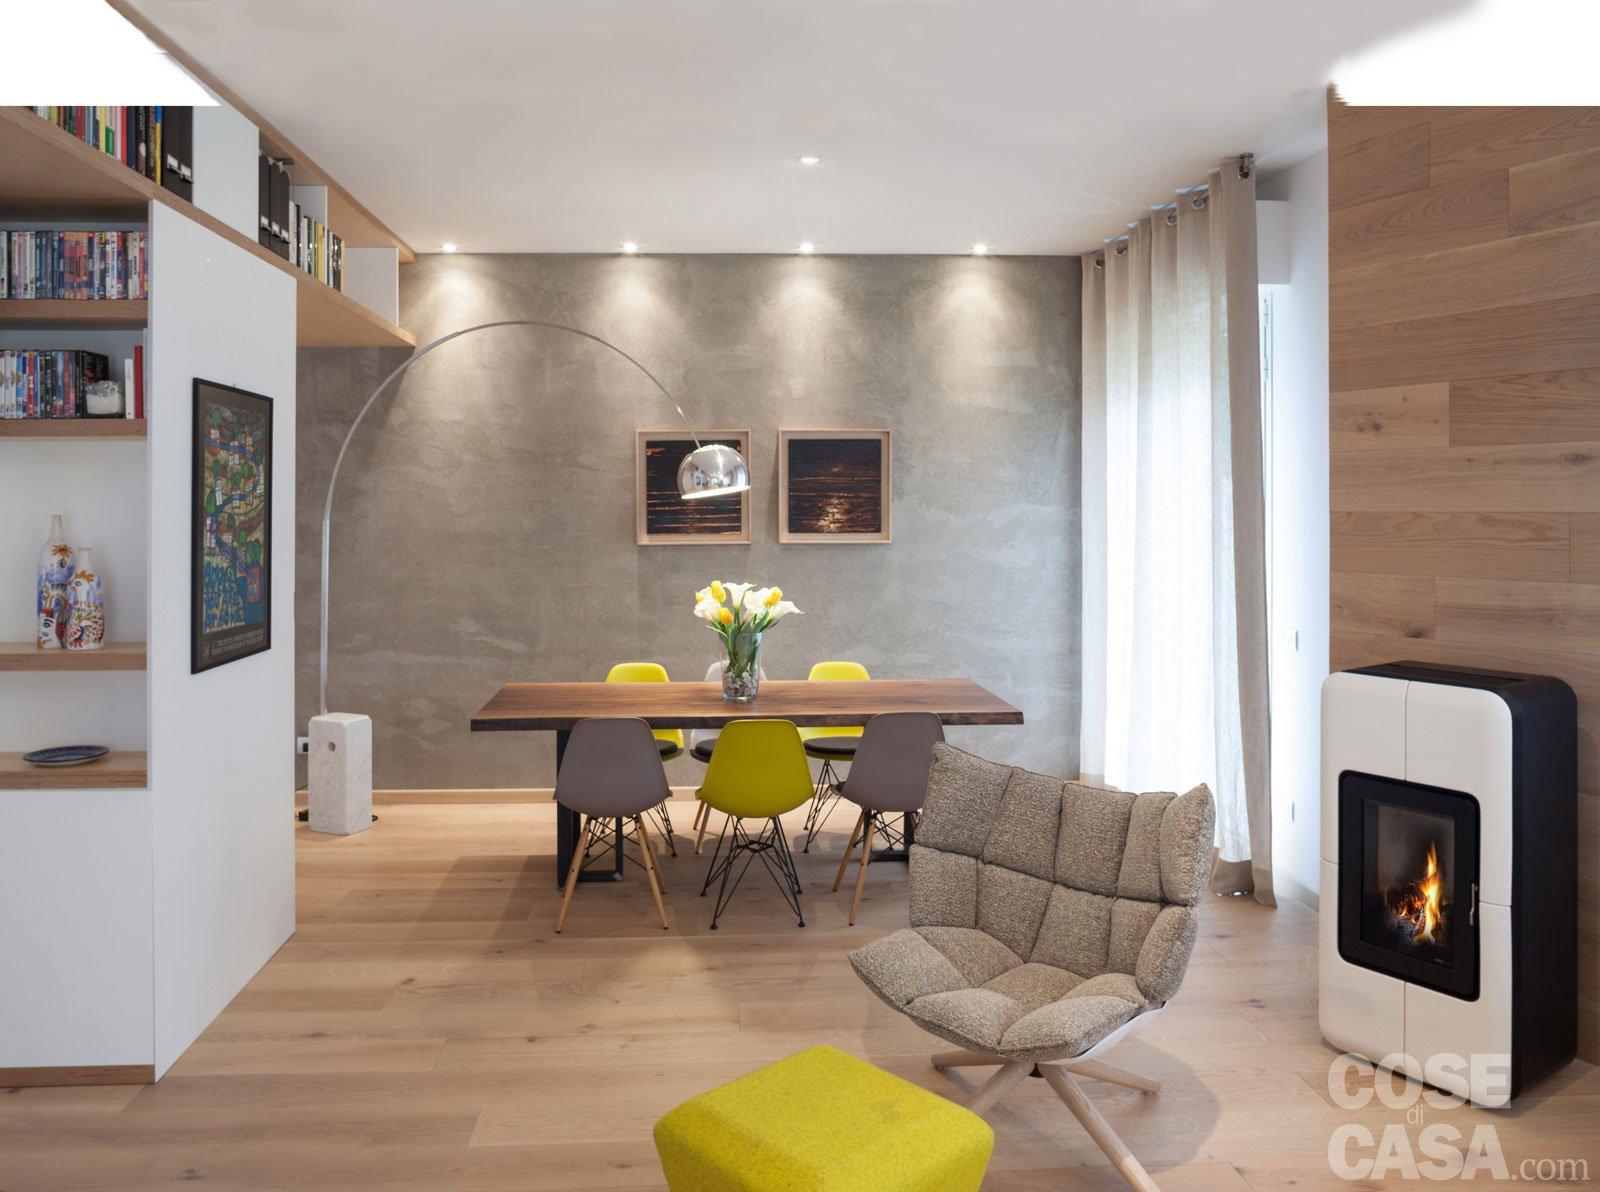 Maxi trilocale design e ispirazioni scandinave per la - Casa in cartongesso ...